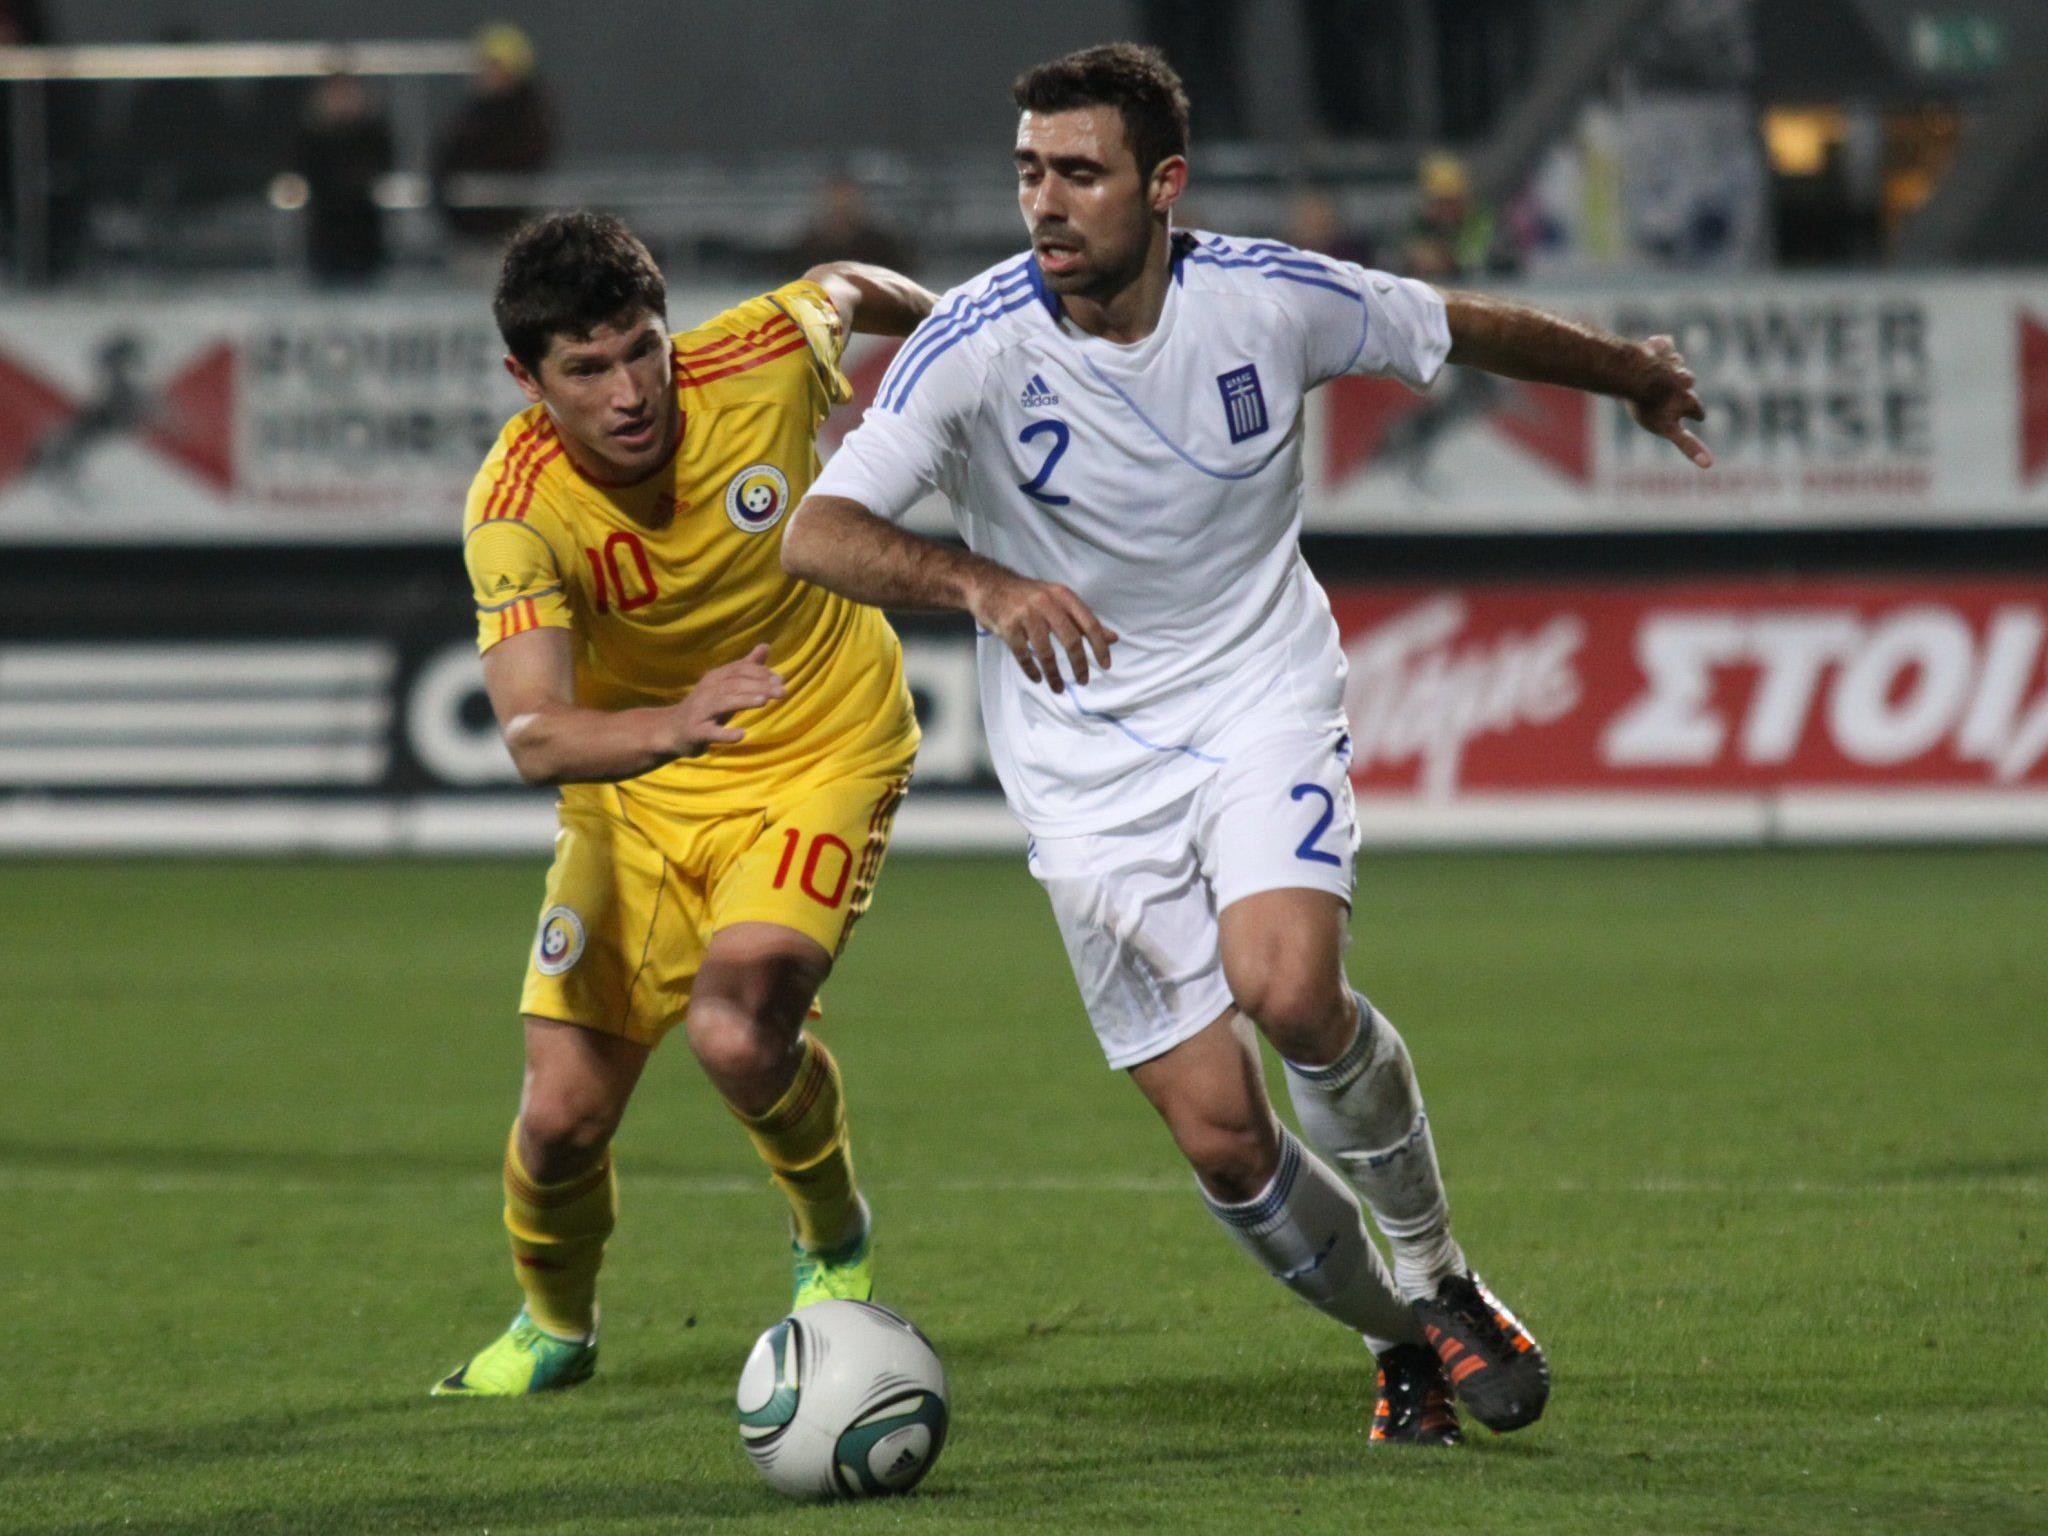 Rumänien gewinnt Test gegen Griechenland mit 3:1.